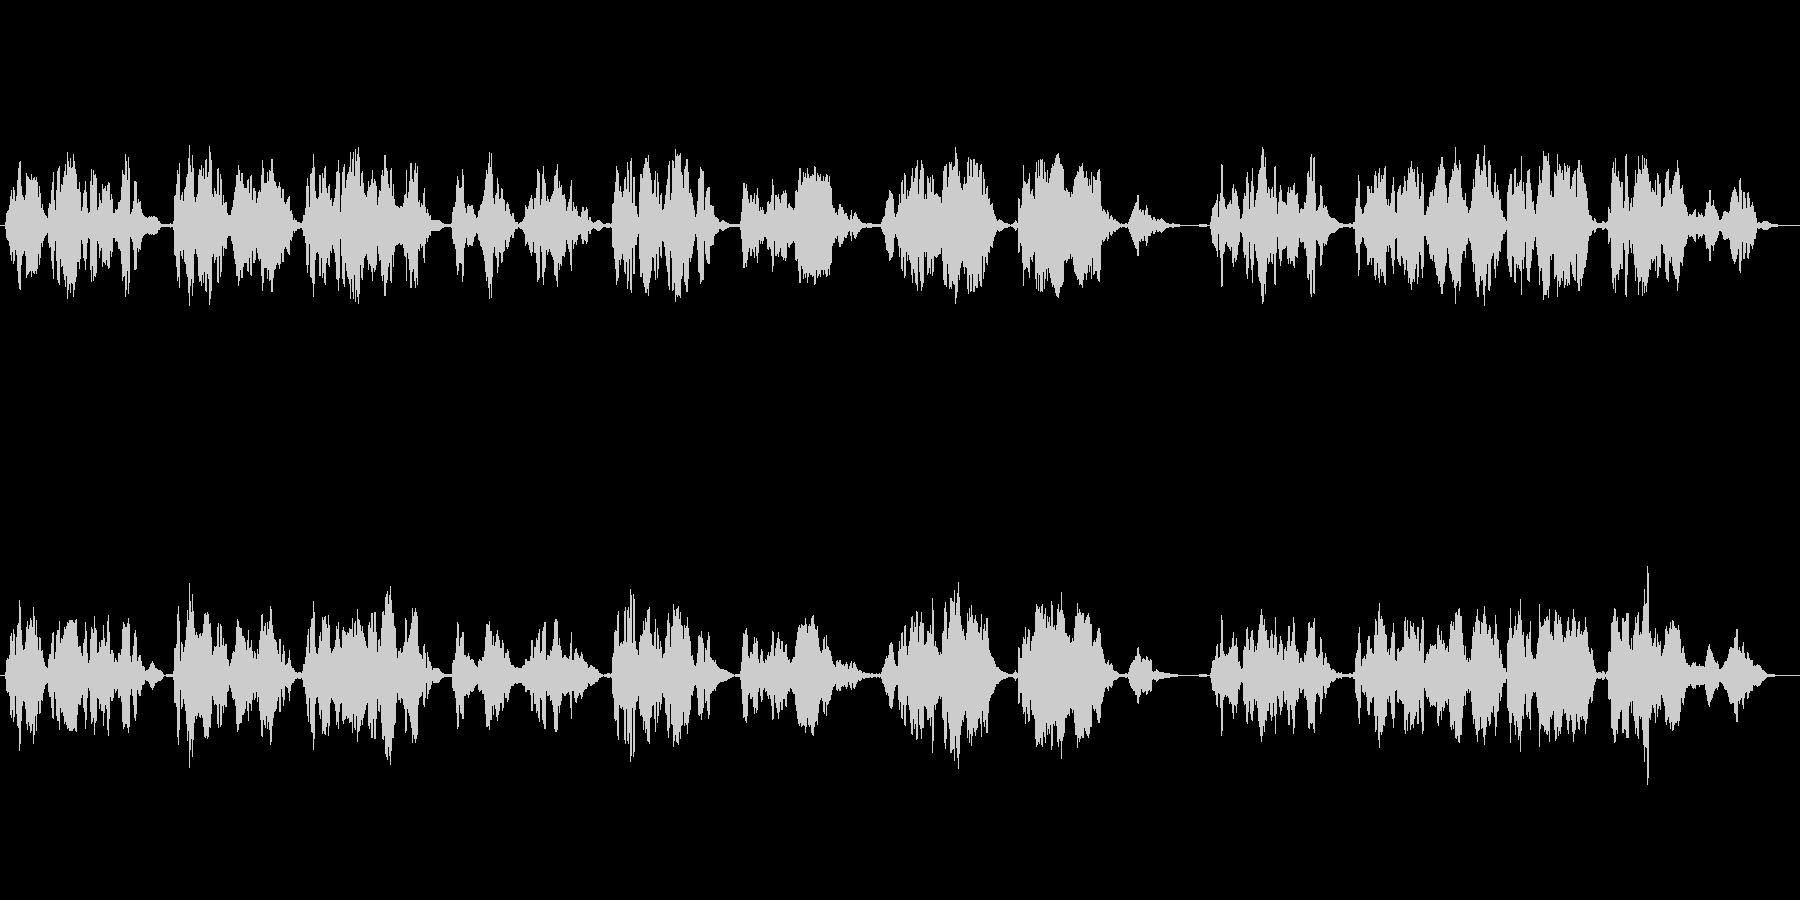 哀愁漂うクラシカルなフルート独奏曲の未再生の波形